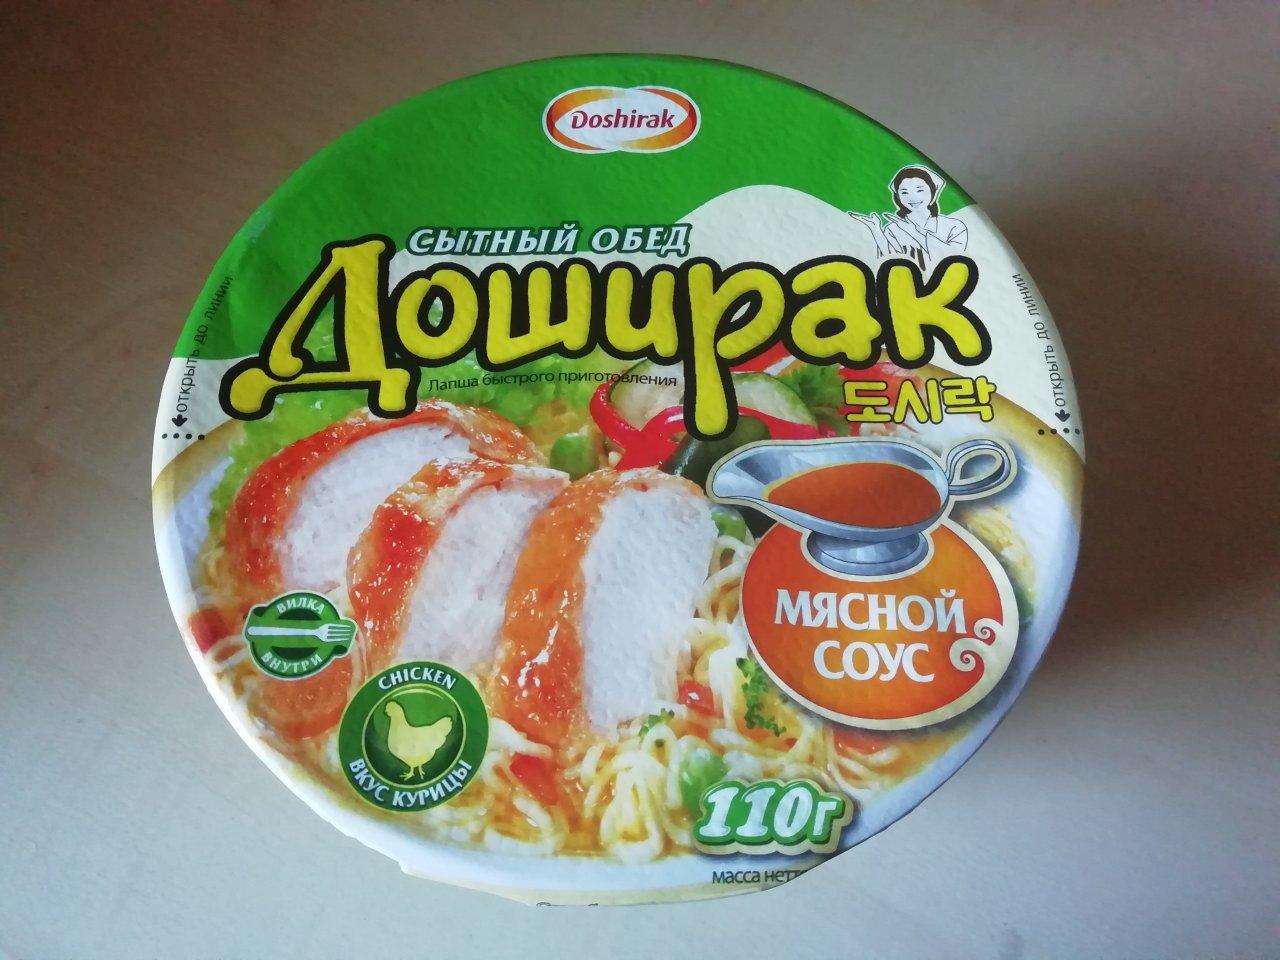 """#1545: Doshirak """"Sytnyj Obed"""" (Instantnudelsuppe mit Hühnerfleischgeschmack)"""